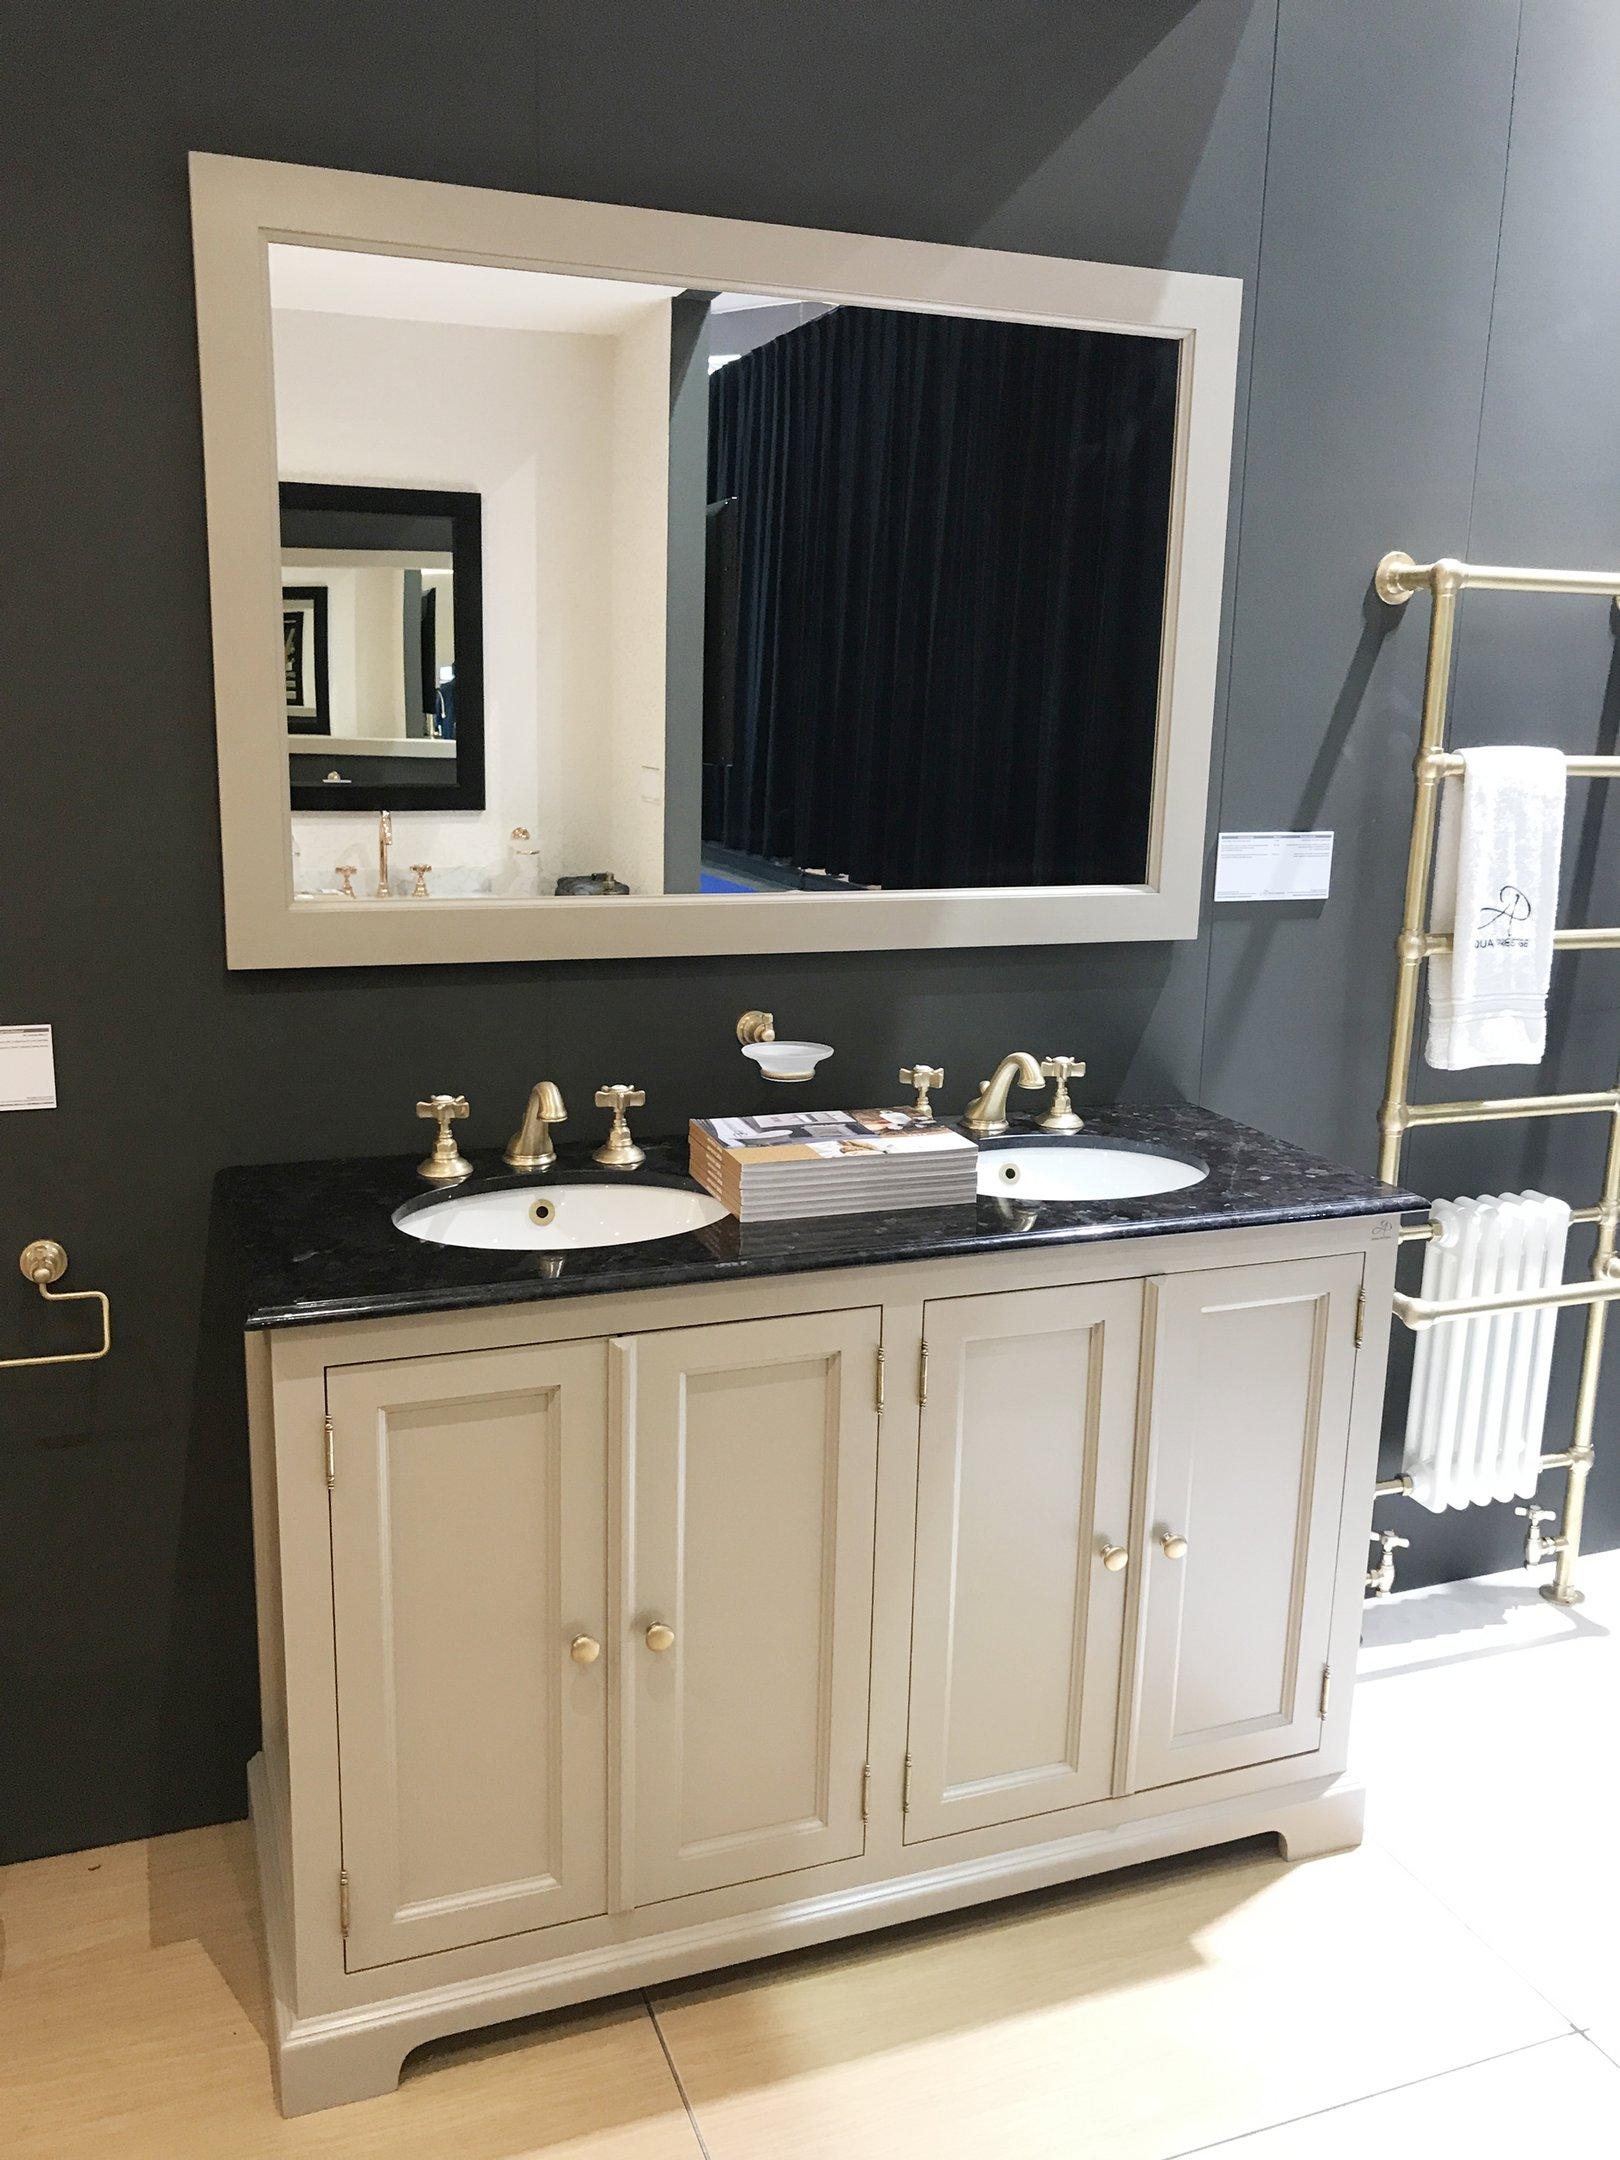 Bristol badkamer meubel (5 waskommen)